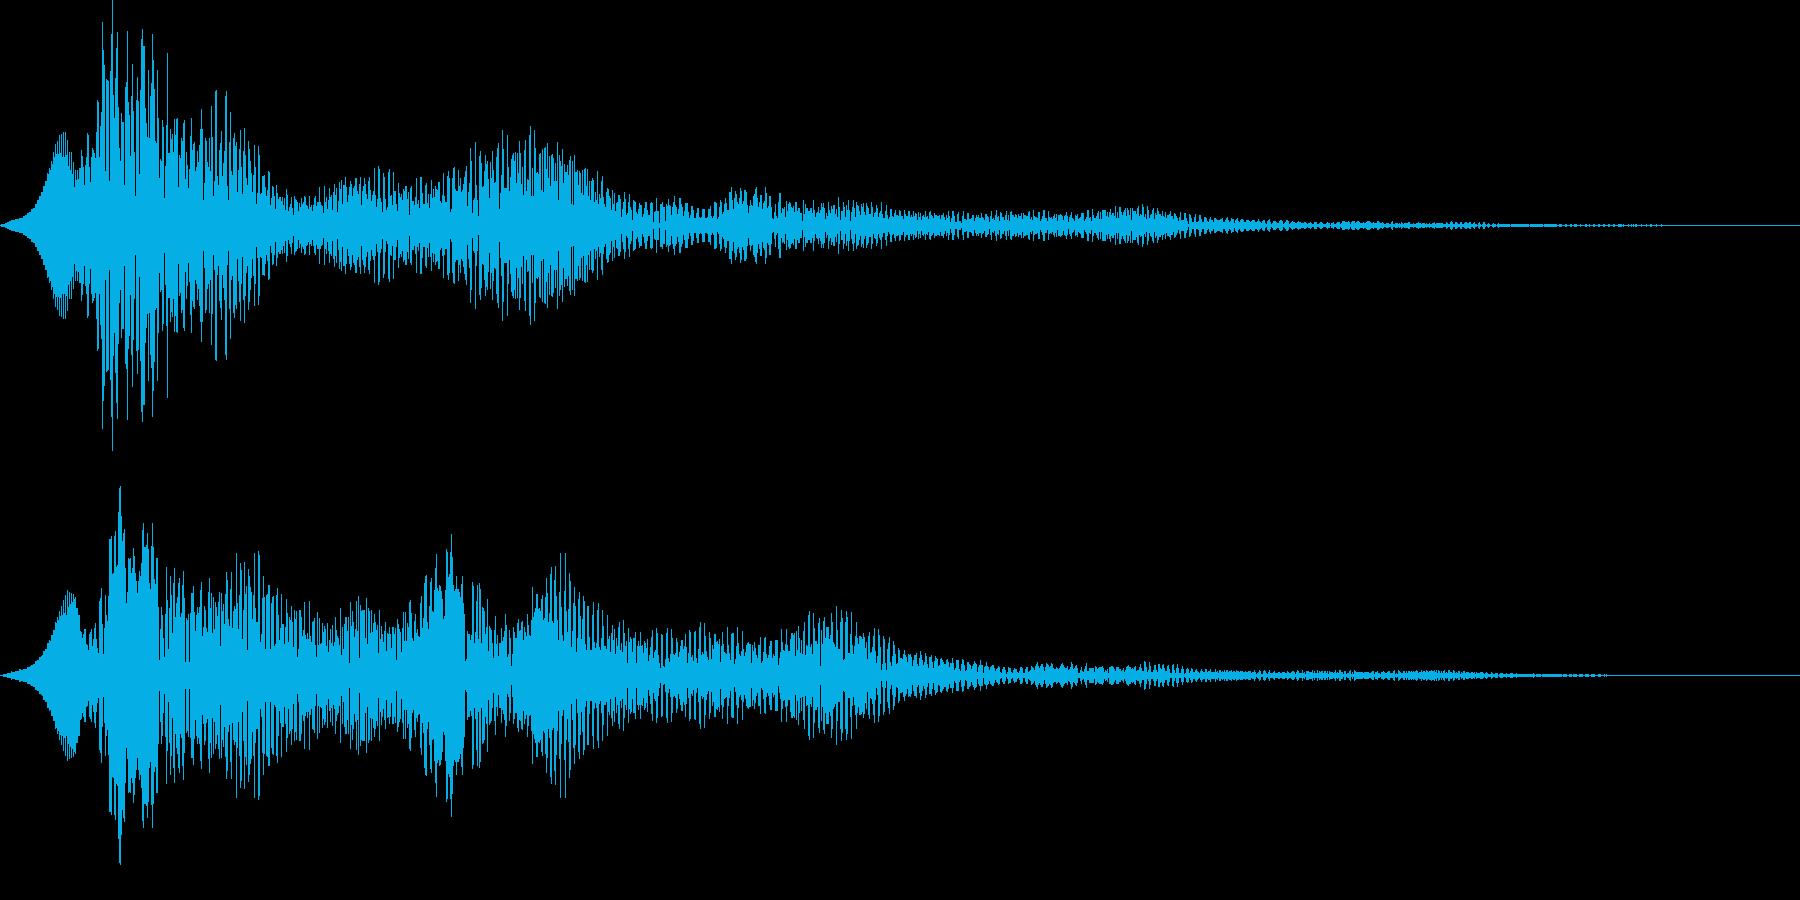 ぽわーん 空間系 サウンドロゴの再生済みの波形